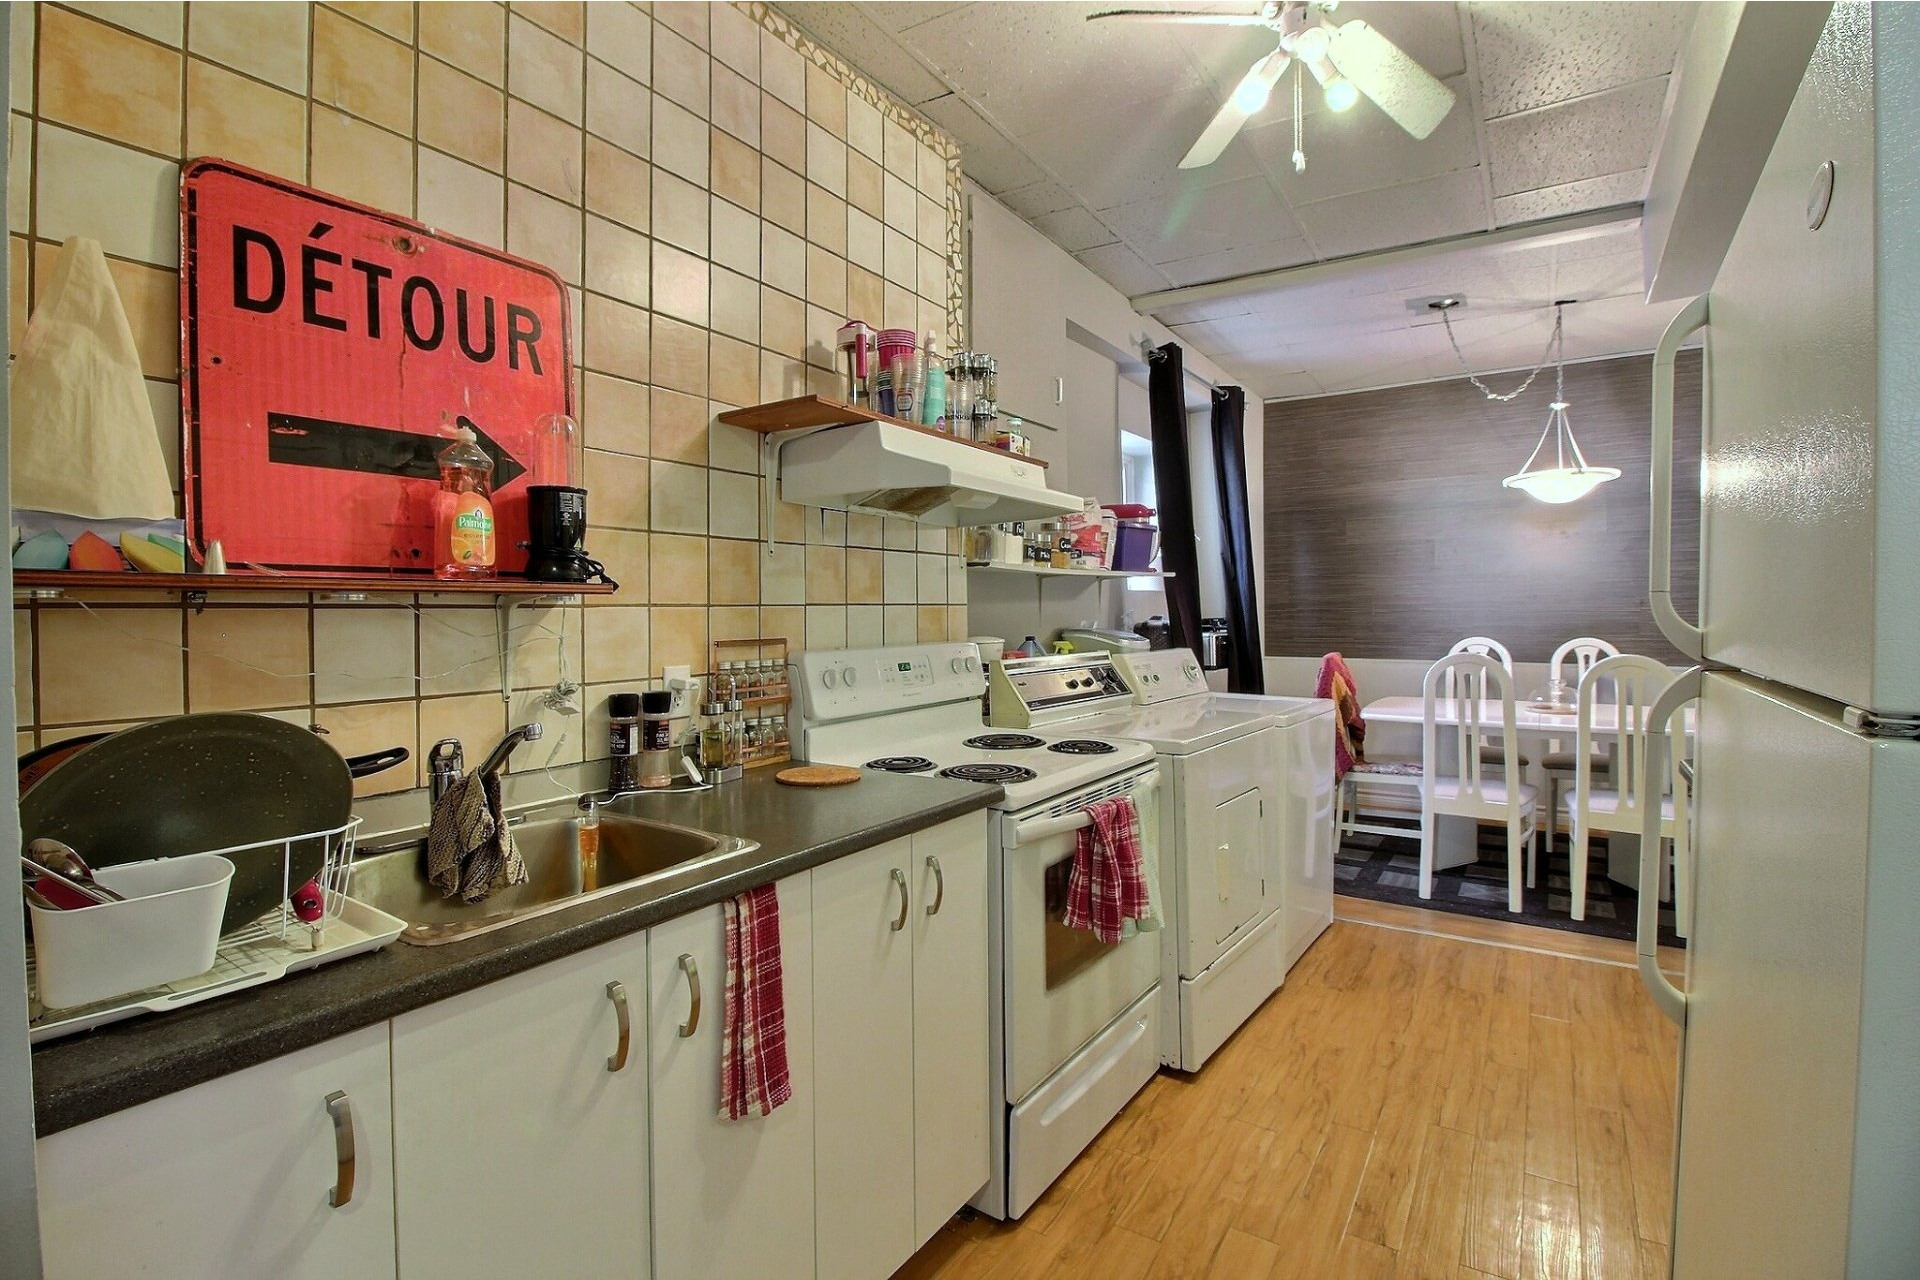 image 8 - Duplex À vendre Fleurimont Sherbrooke  - 4 pièces